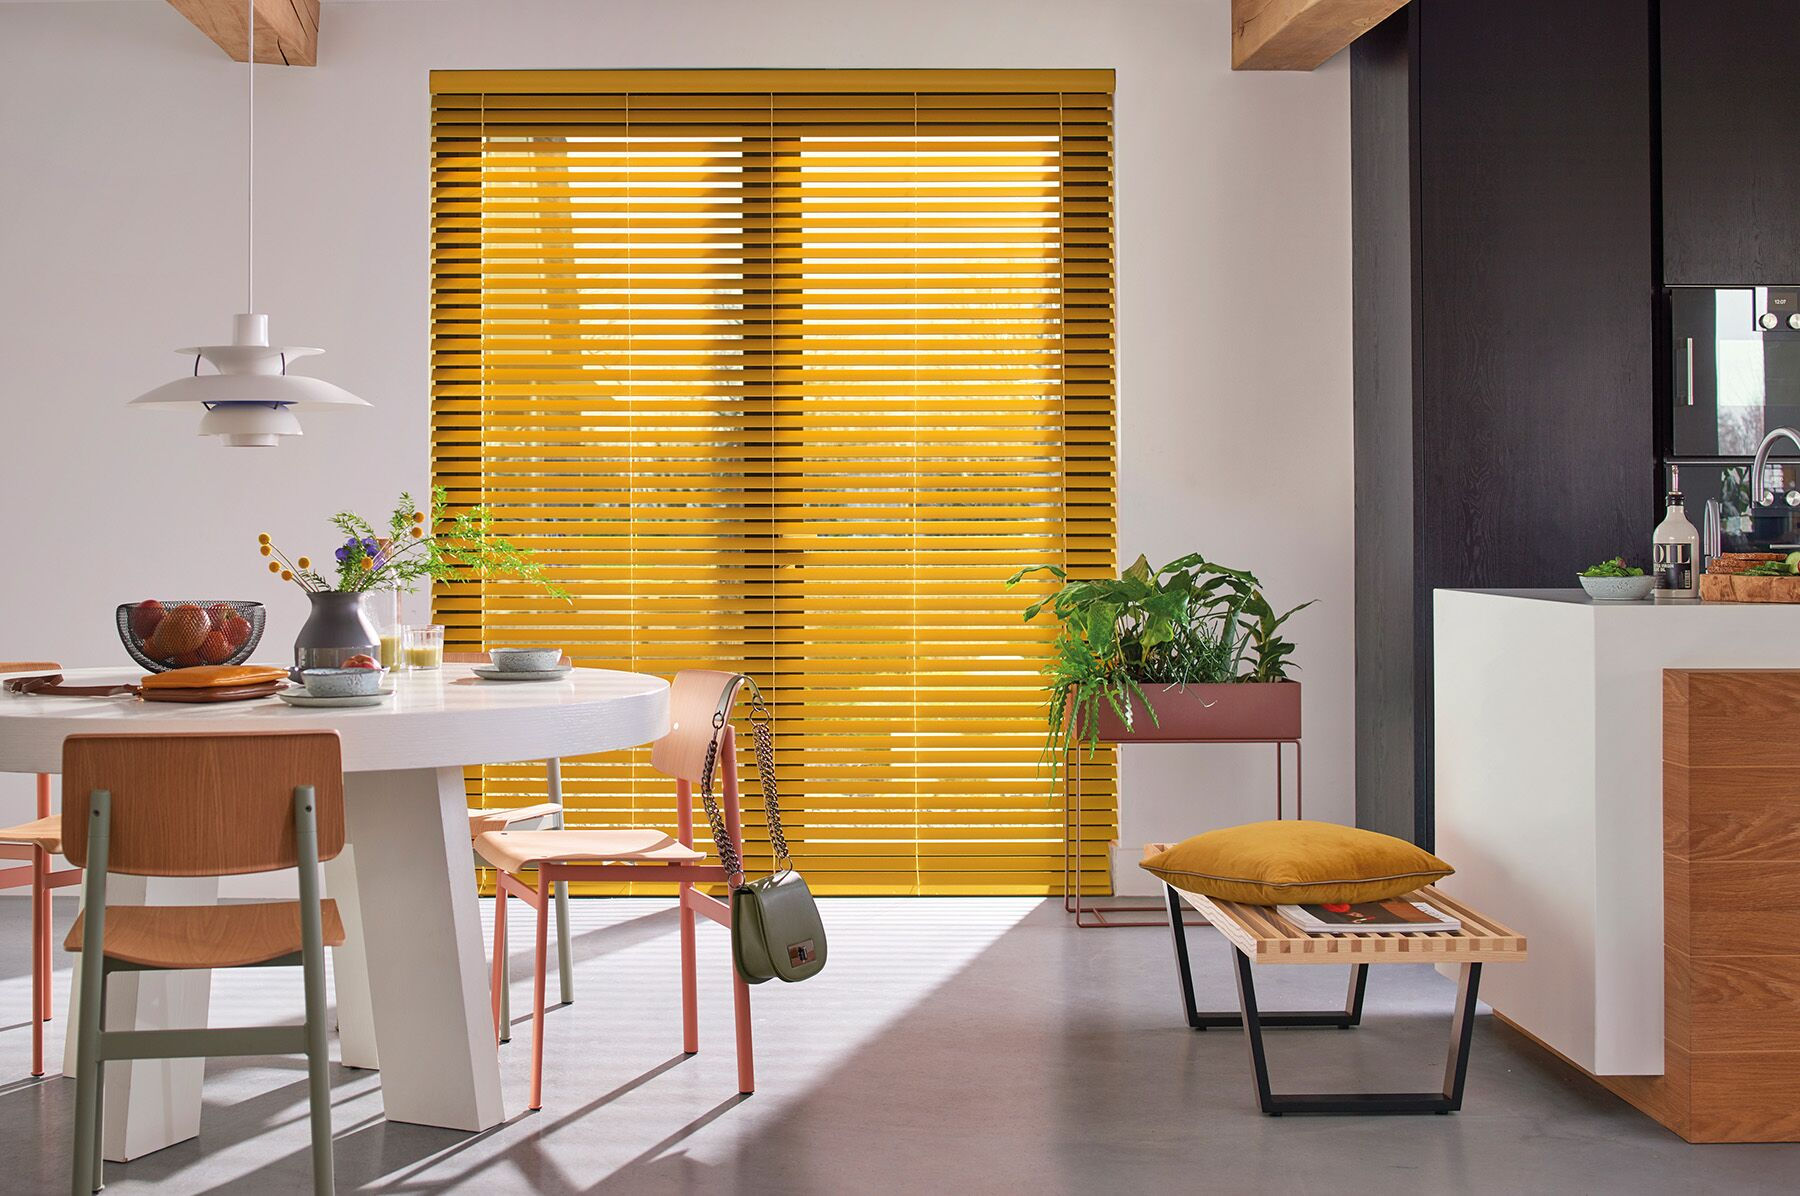 Luxaflex houten jaloezieen in trendkleuren. Mosterdgeel voor een warme basis